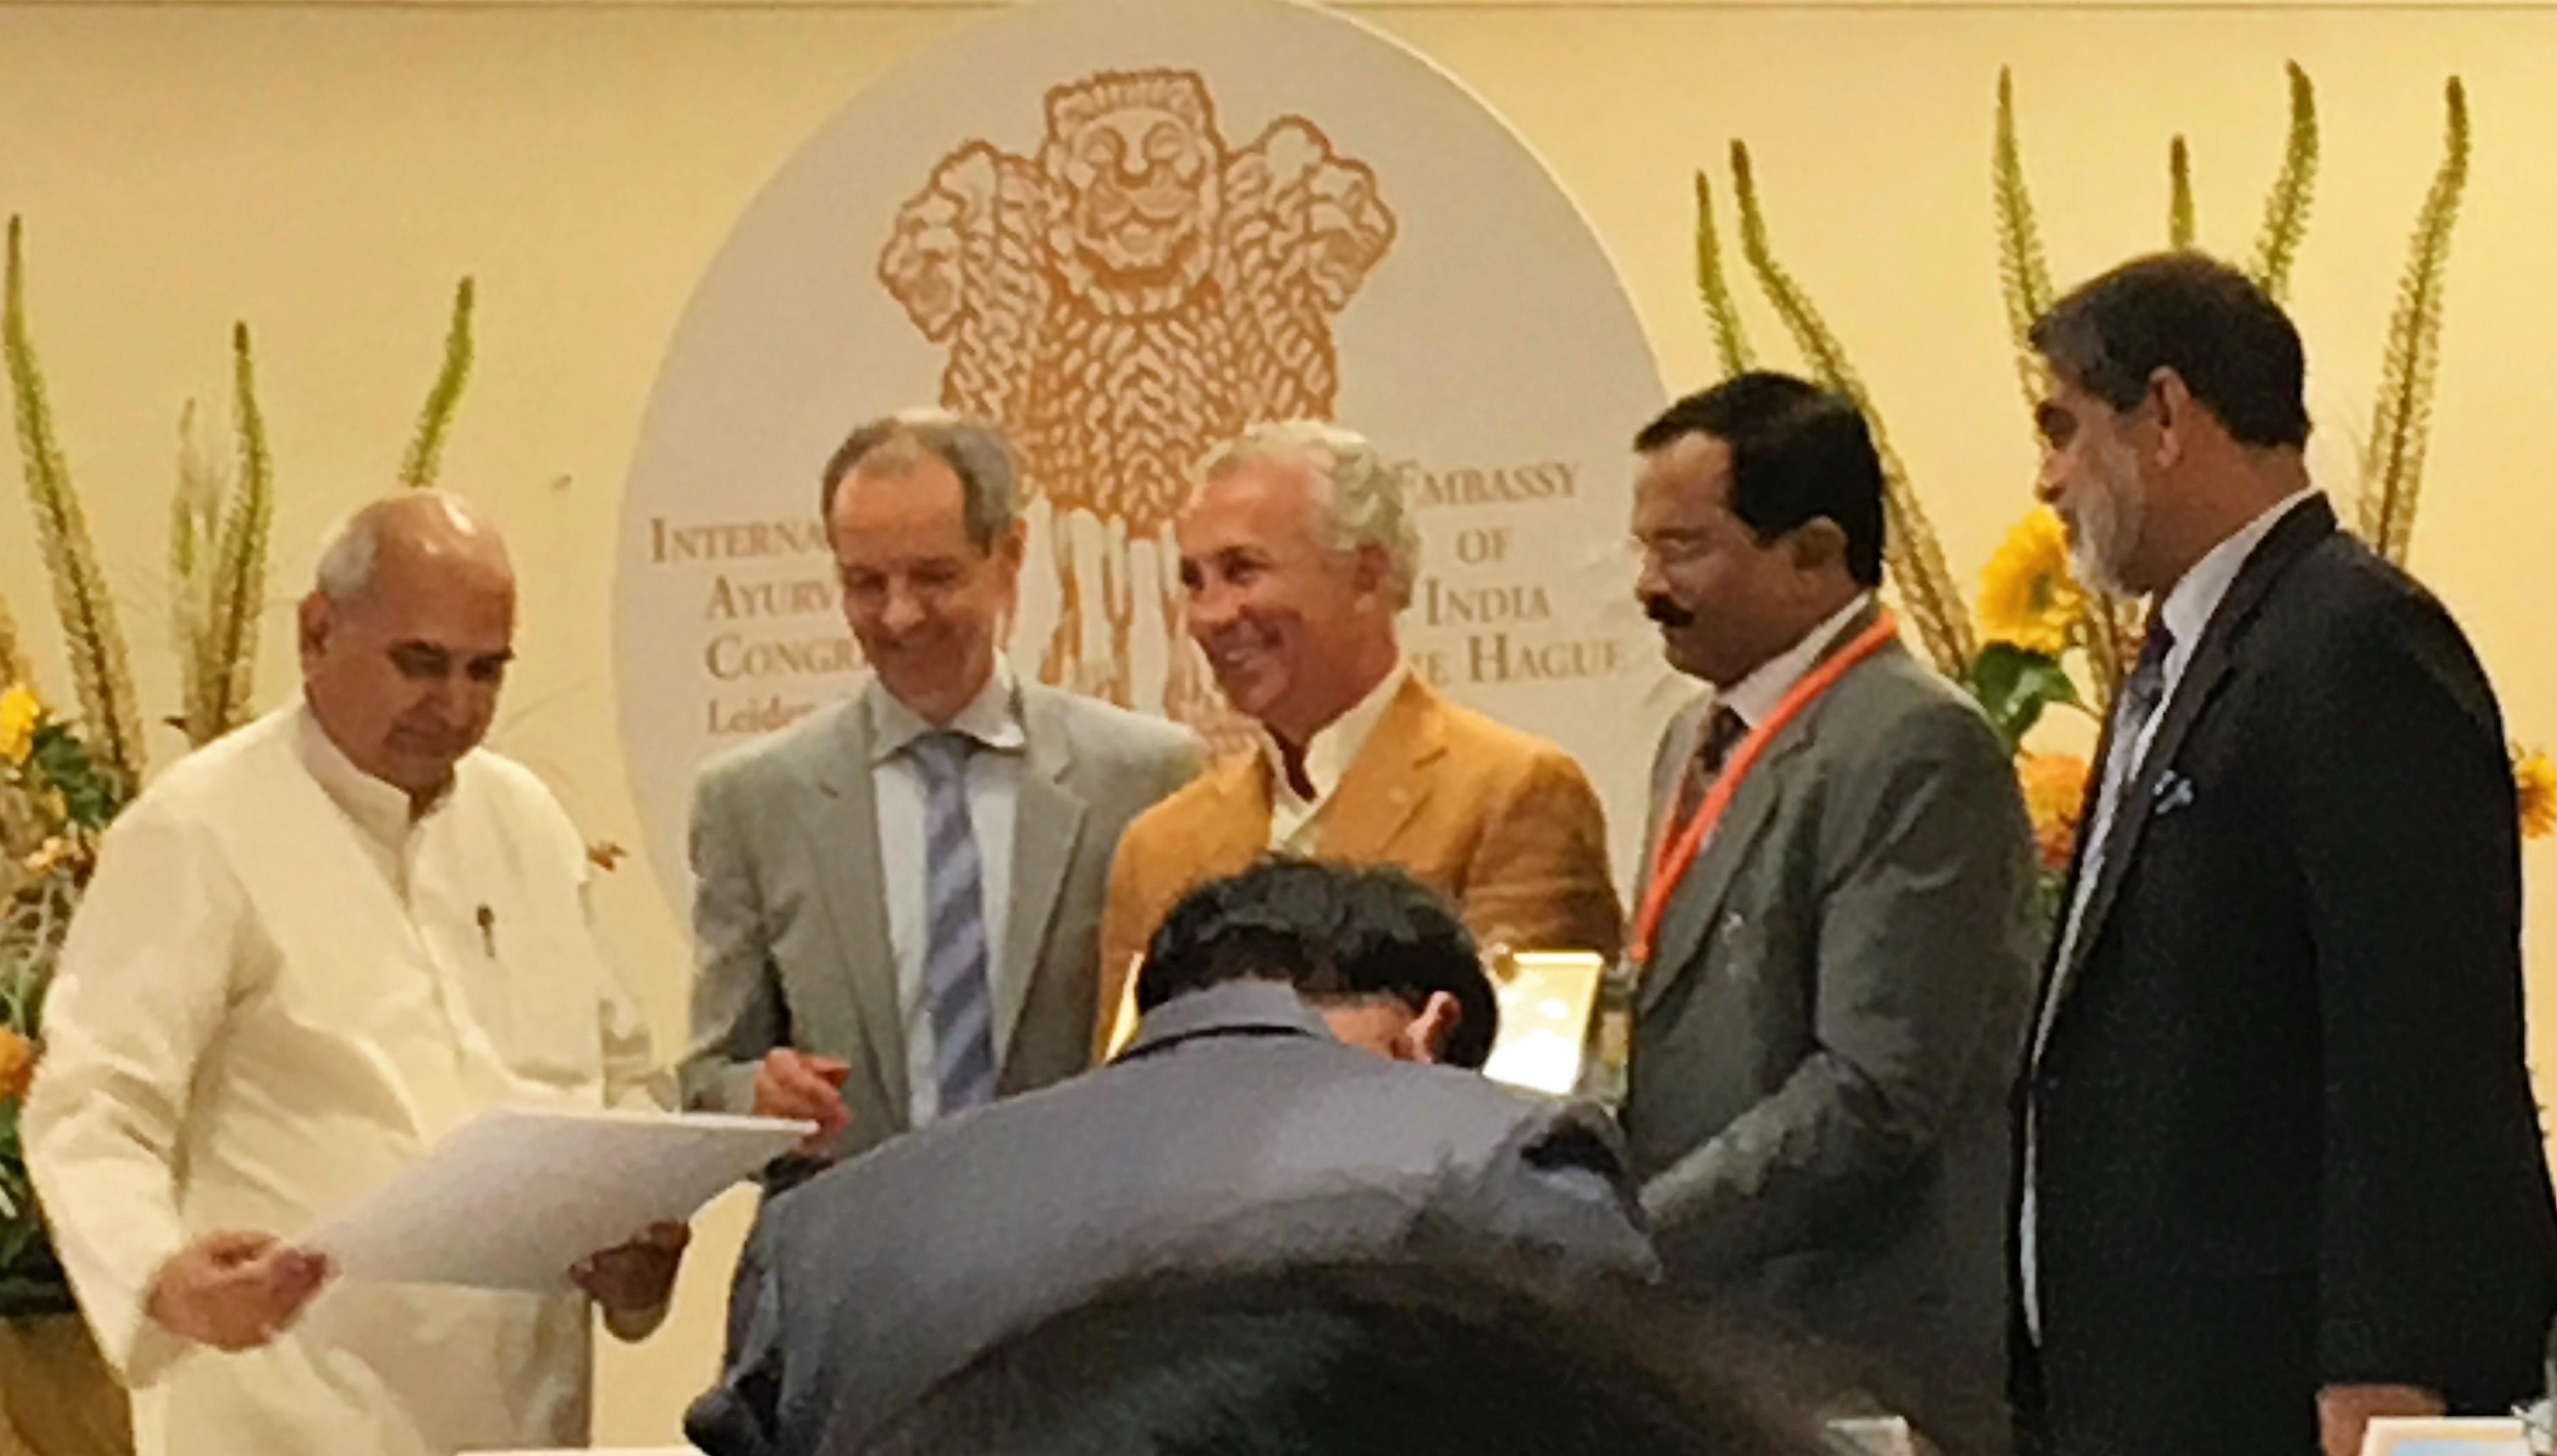 Ayur-Veda-Congres Leiden 2018 prijsuitreiking